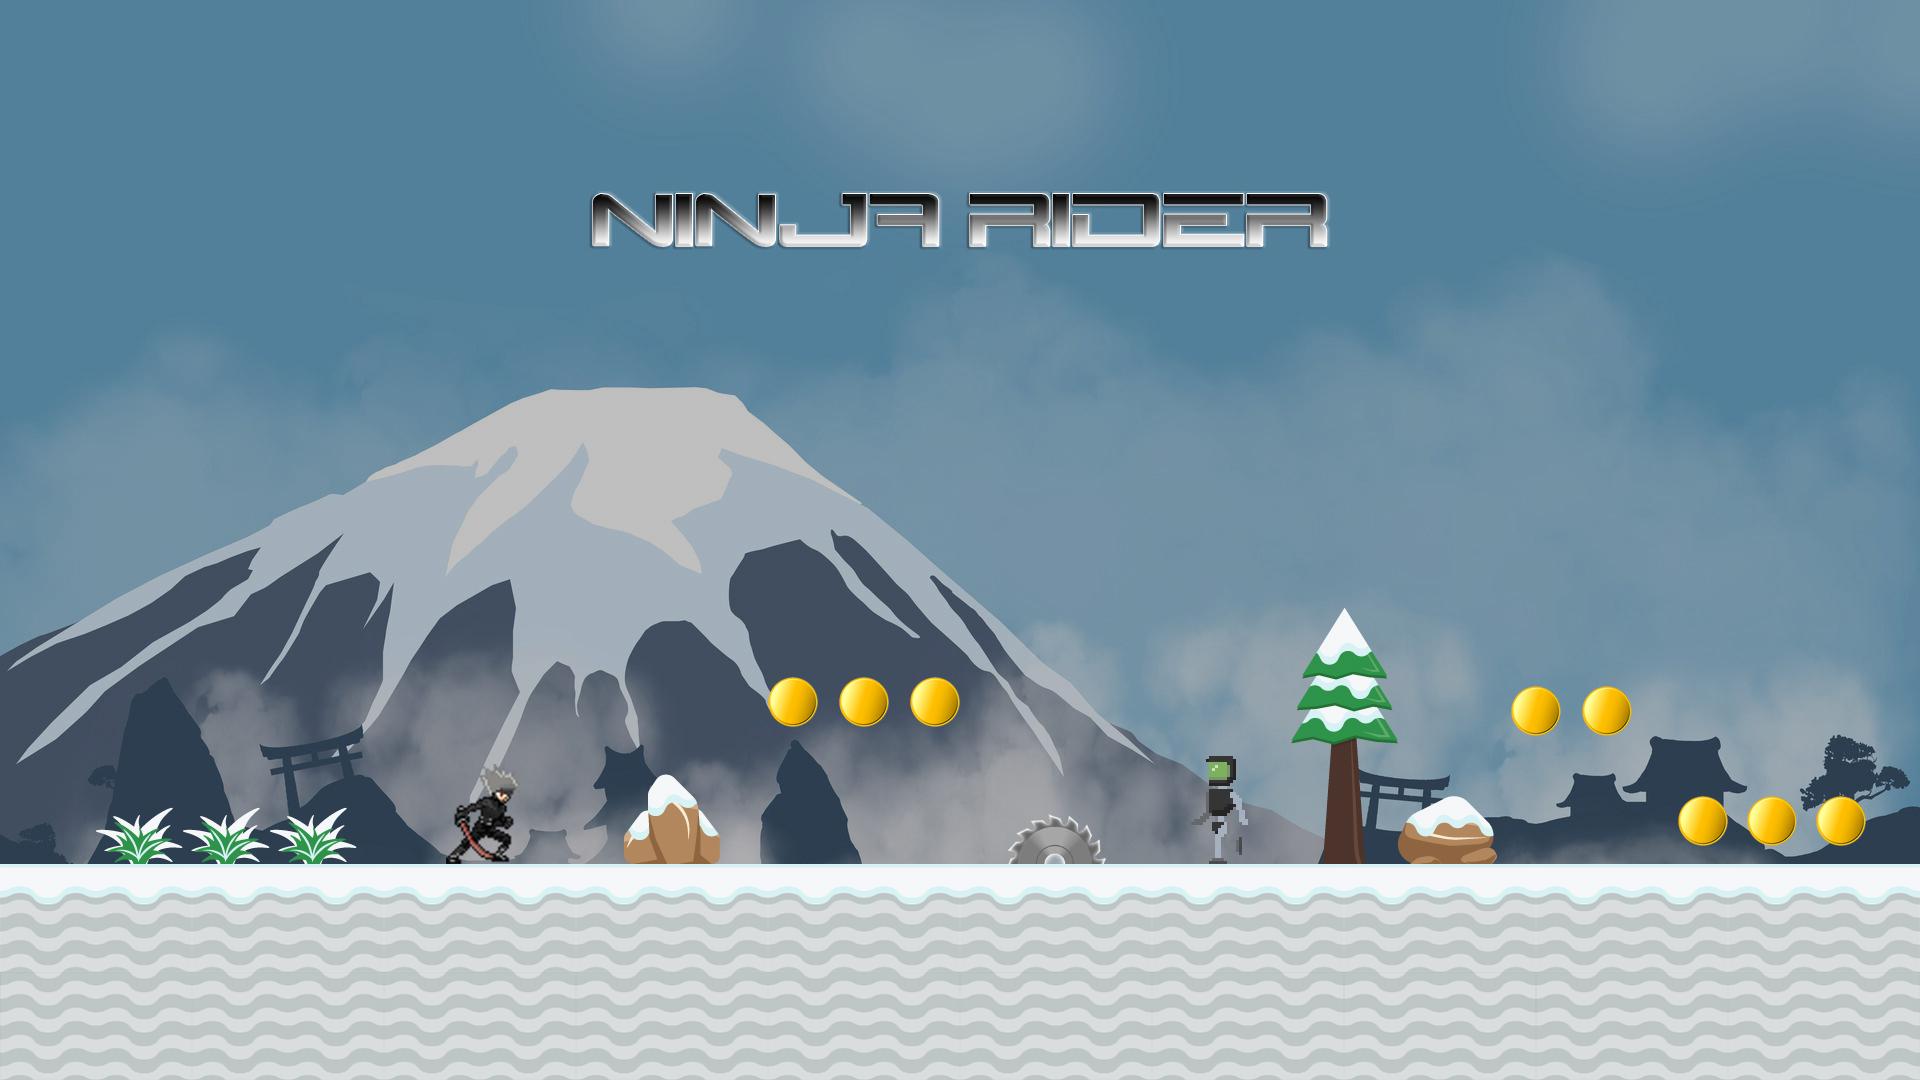 Ninja Rider - Endless Runner